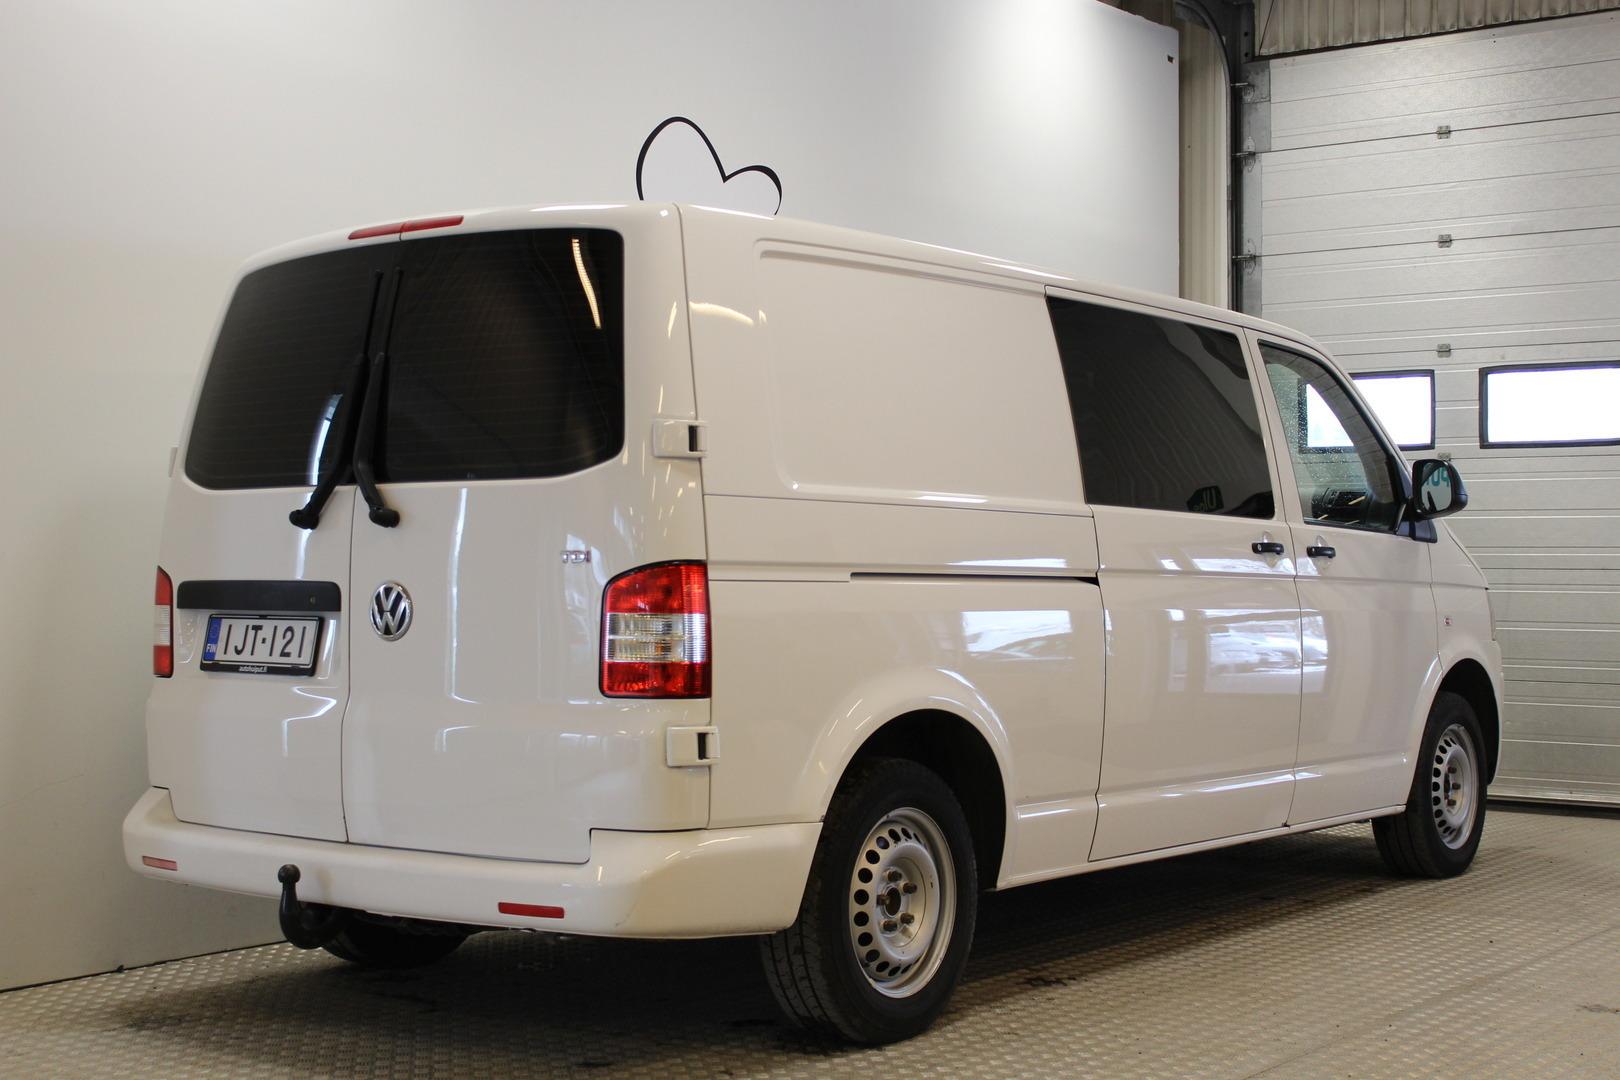 Volkswagen Transporter, umpipakettiauto pitkä 2,0 TDI 103 kW **Juuri tullut** #Webasto